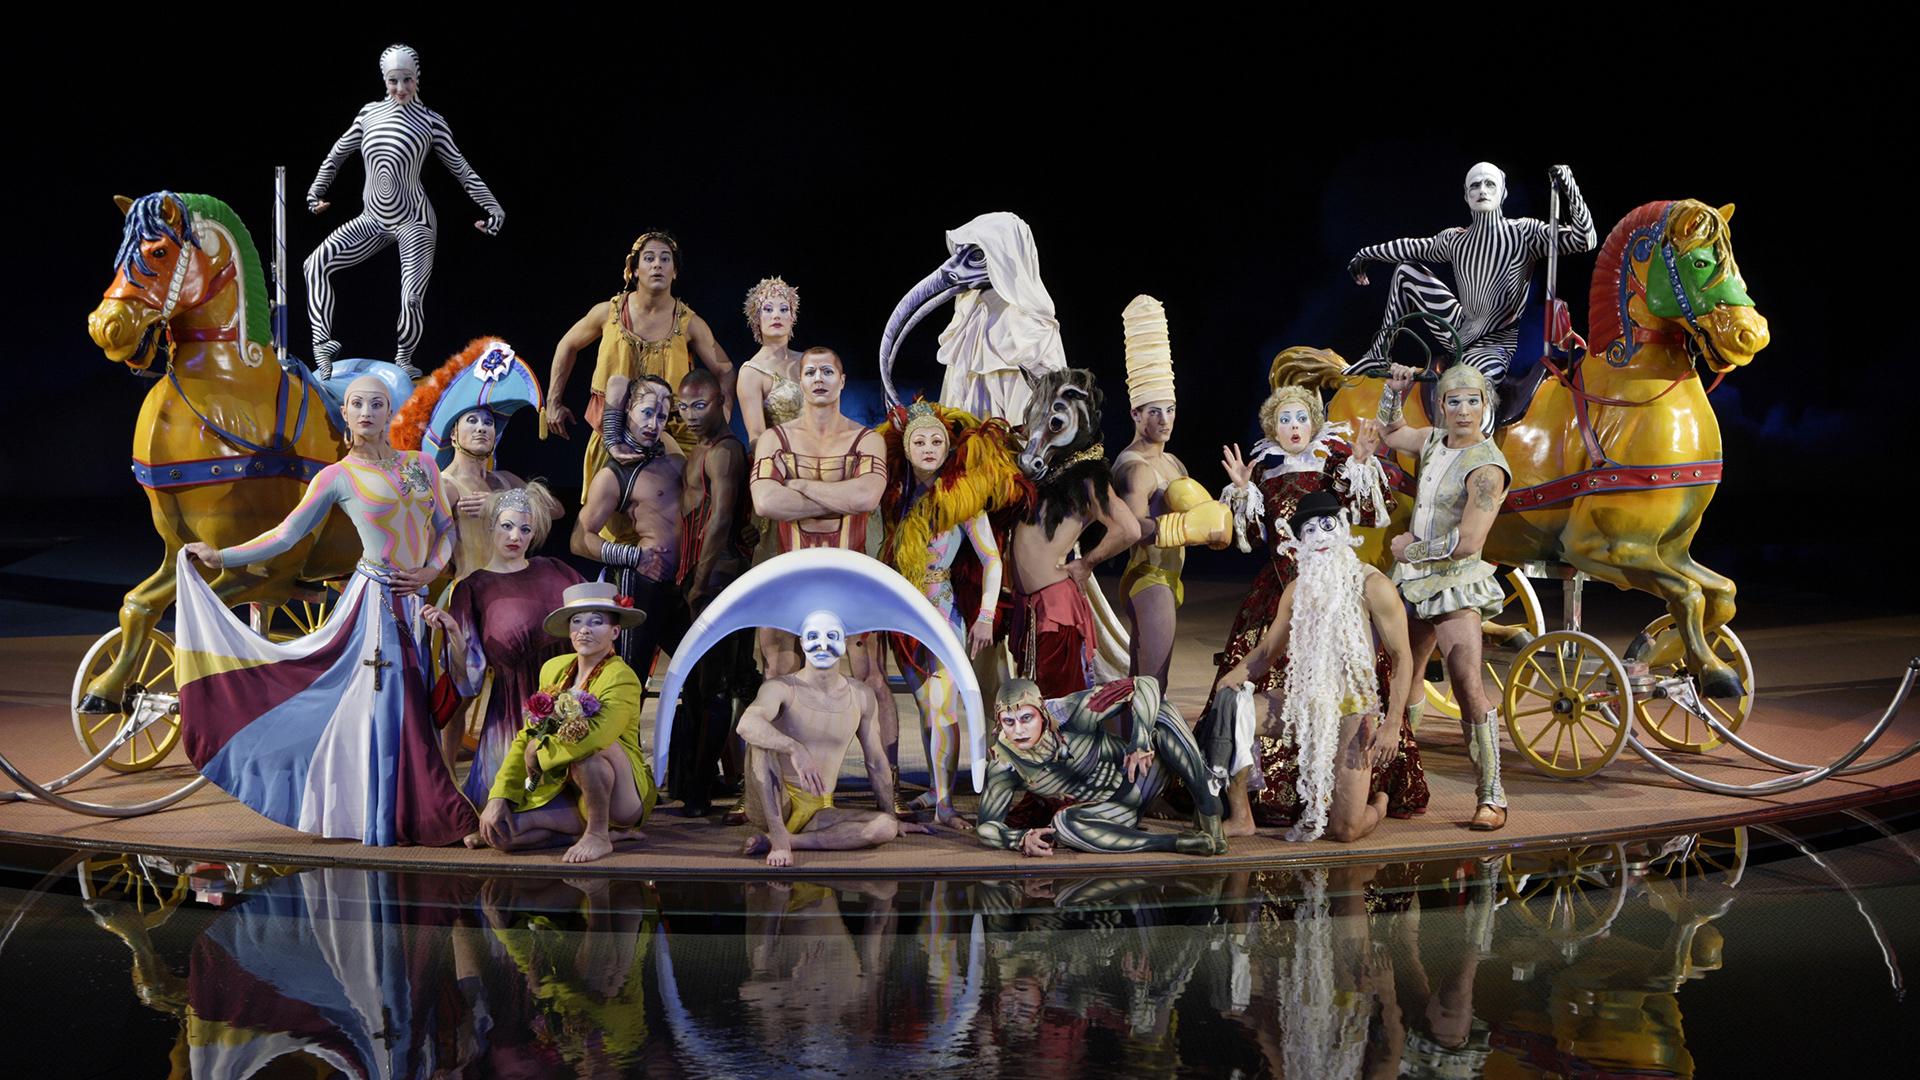 Cirque du Soleil backdrop wallpaper 1920x1080